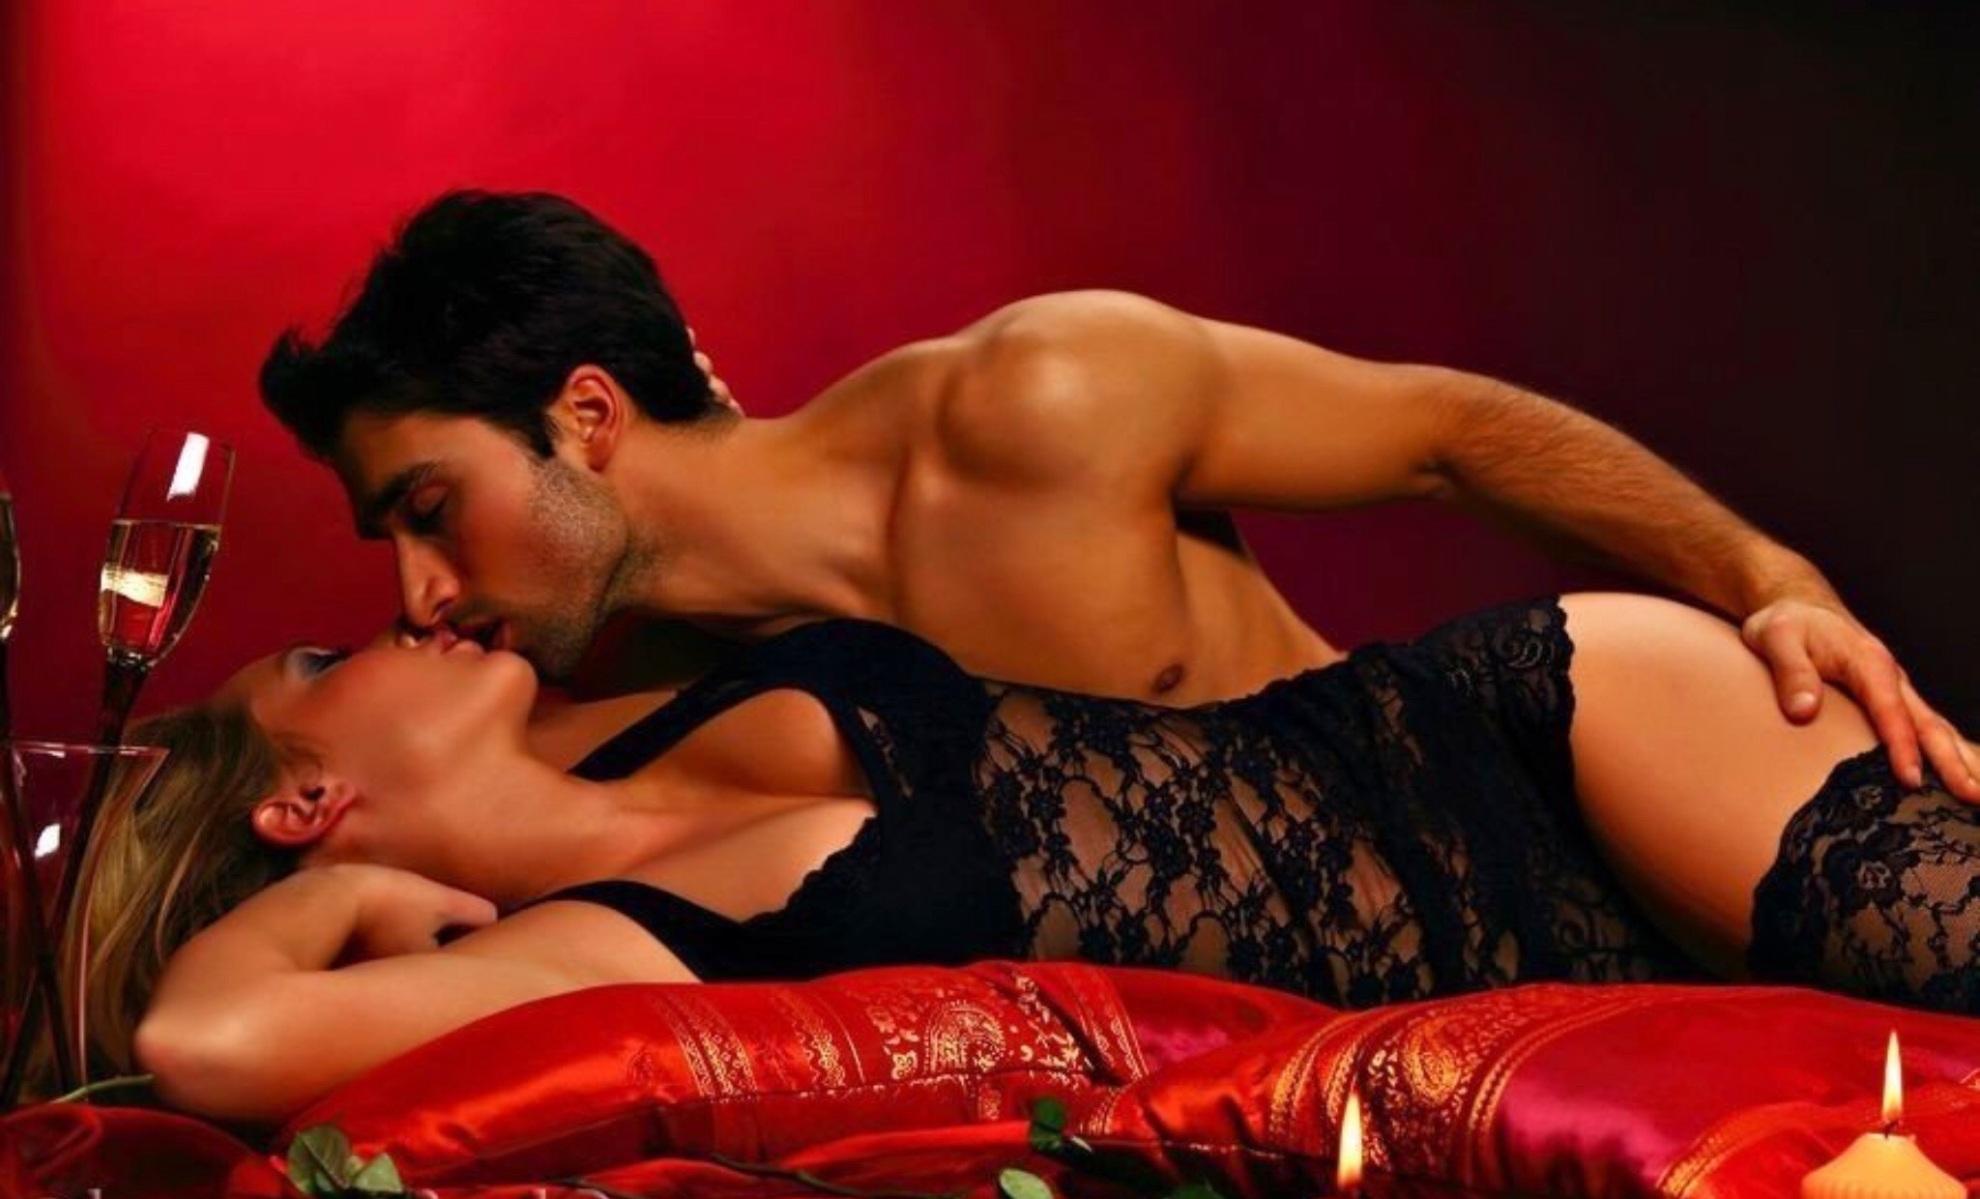 gifki-spokoynoy-nochi-eroticheskie